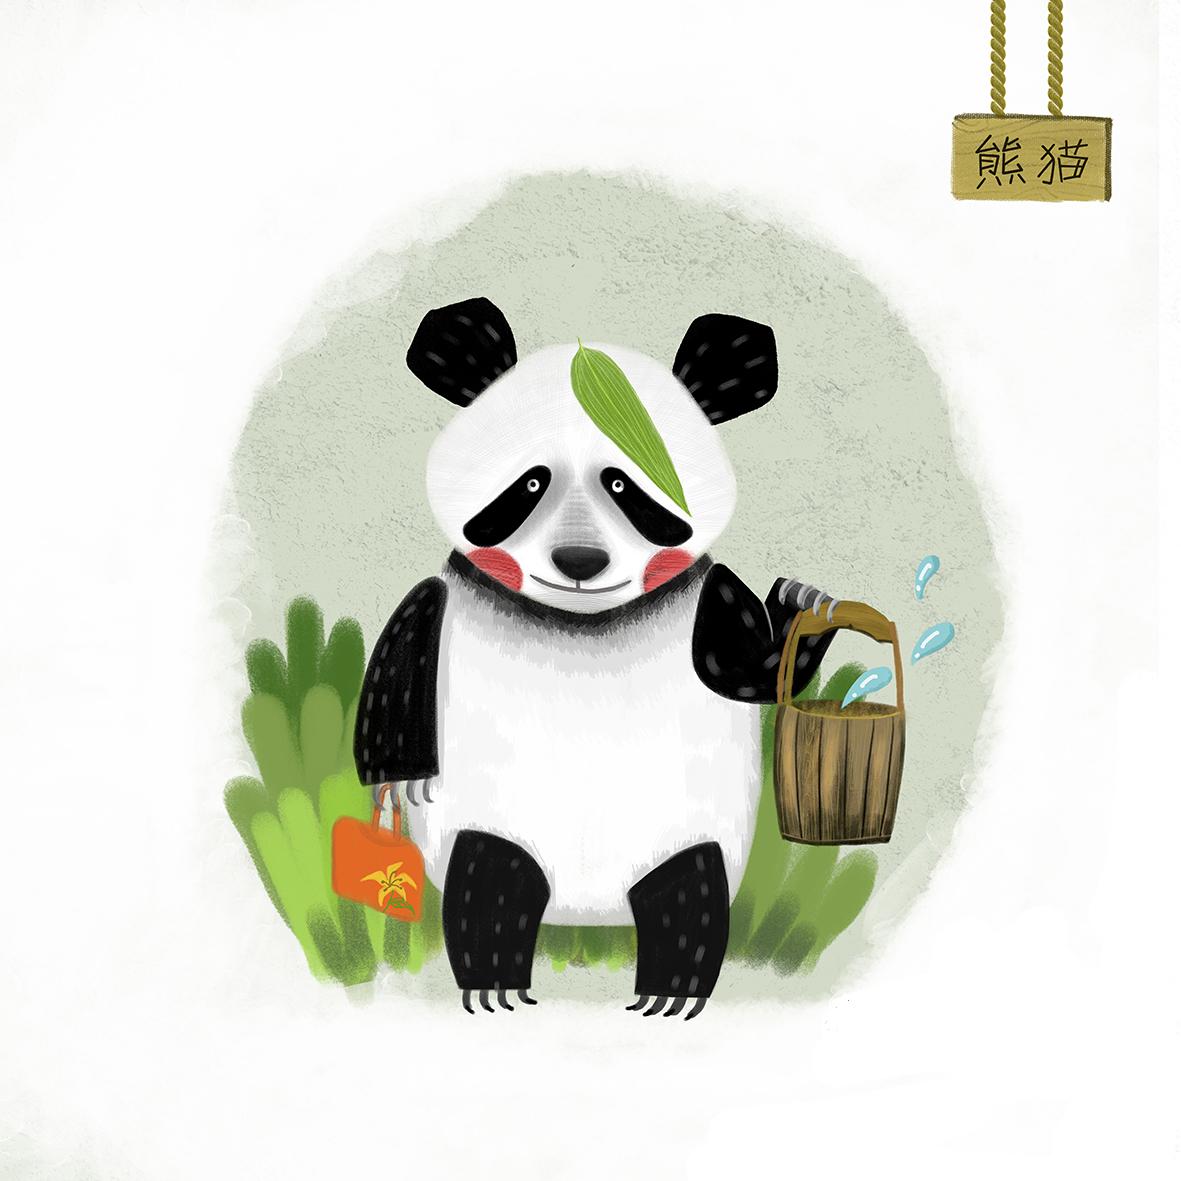 对各种小动物的喜爱无法用言语表达,那就用画笔来表达吧,先出三只,后面会持续更新的,希望大家喜欢。 国宝-最喜爱的动物,小时候一直喜欢到现在,在我心中是能量者,上得厅堂,下的厨房的,两个字能干,我也效仿熊猫精神。 树獭-重要的事情讲三遍,shuta,树獭,shuta,很喜欢的自来旧形象,感觉很和蔼,很像一位老爷爷,和蔼可亲。 浣熊-干脆面君,夜行者,喜欢吃,东,西。要是有一只,我甘愿被它偷啊,可爱啊。